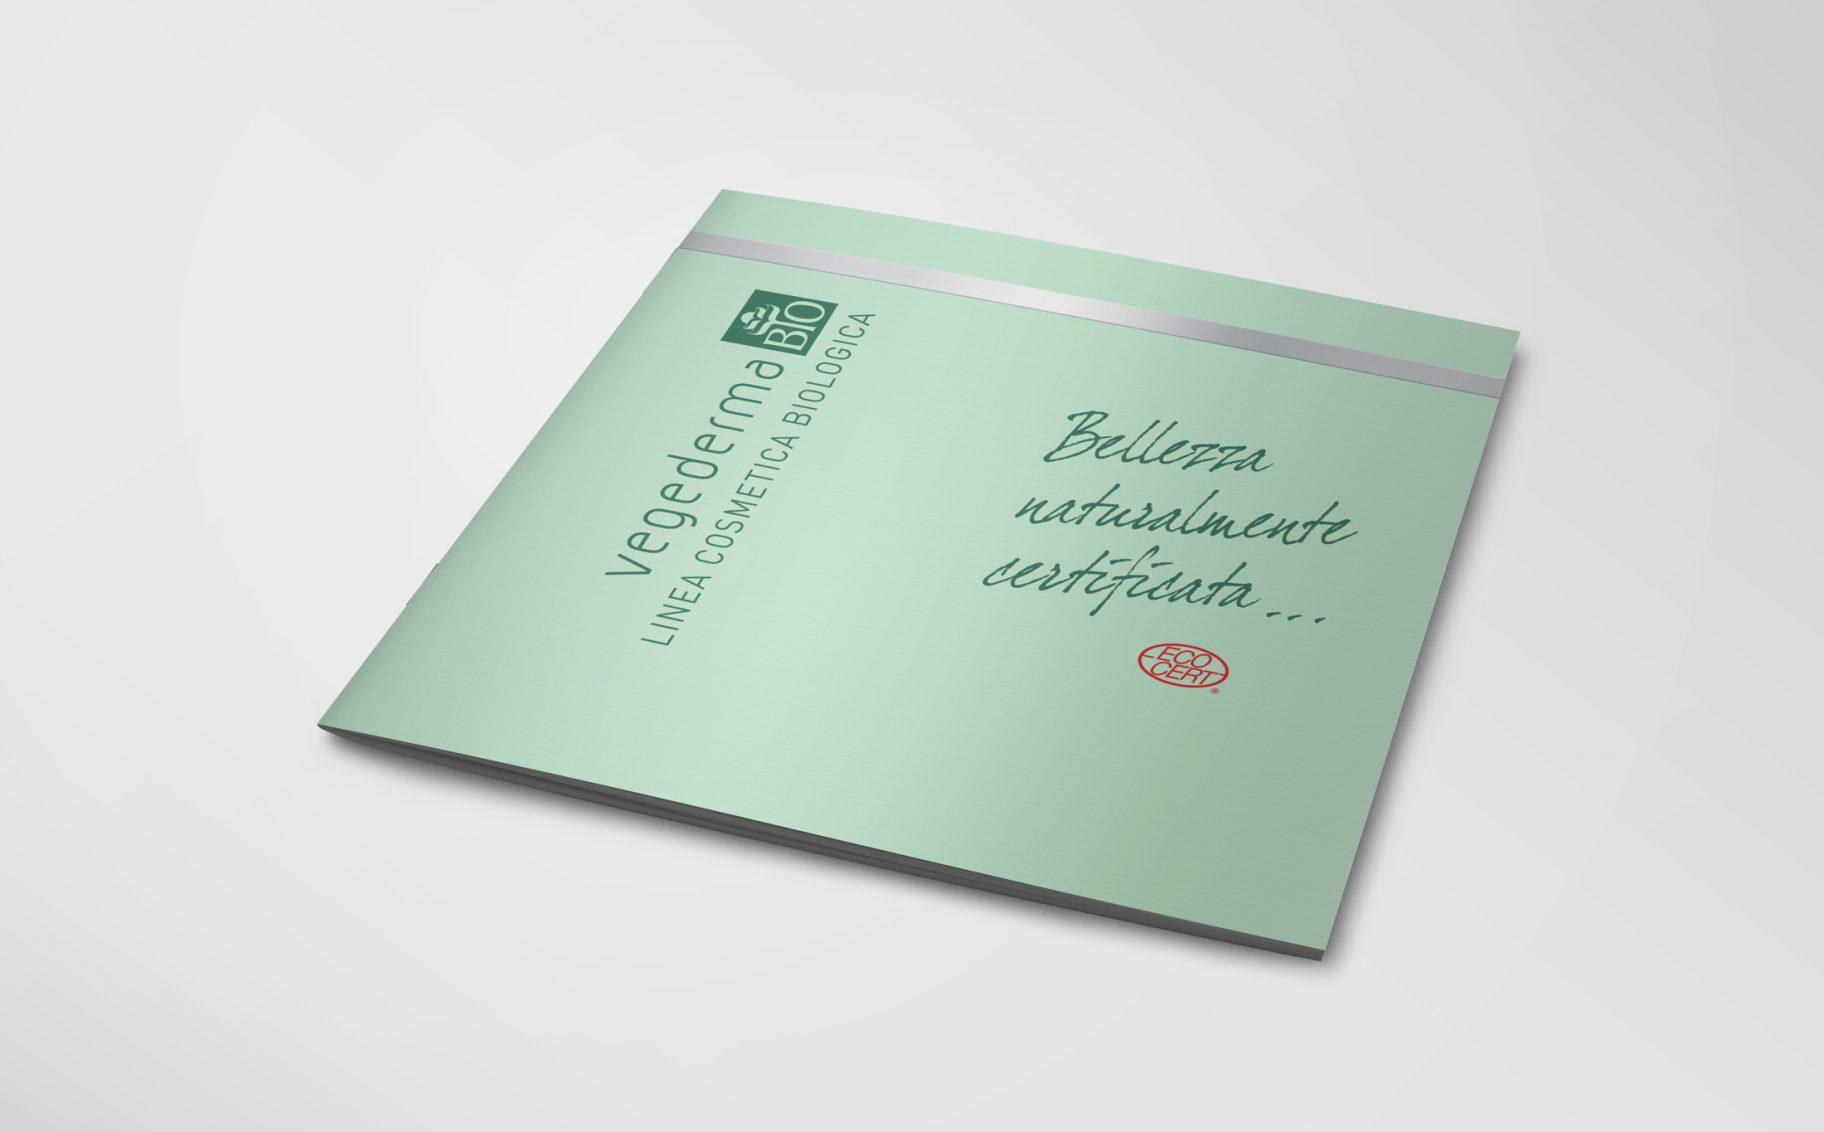 BEAUTIMPORT VegedermaBIO-brochure